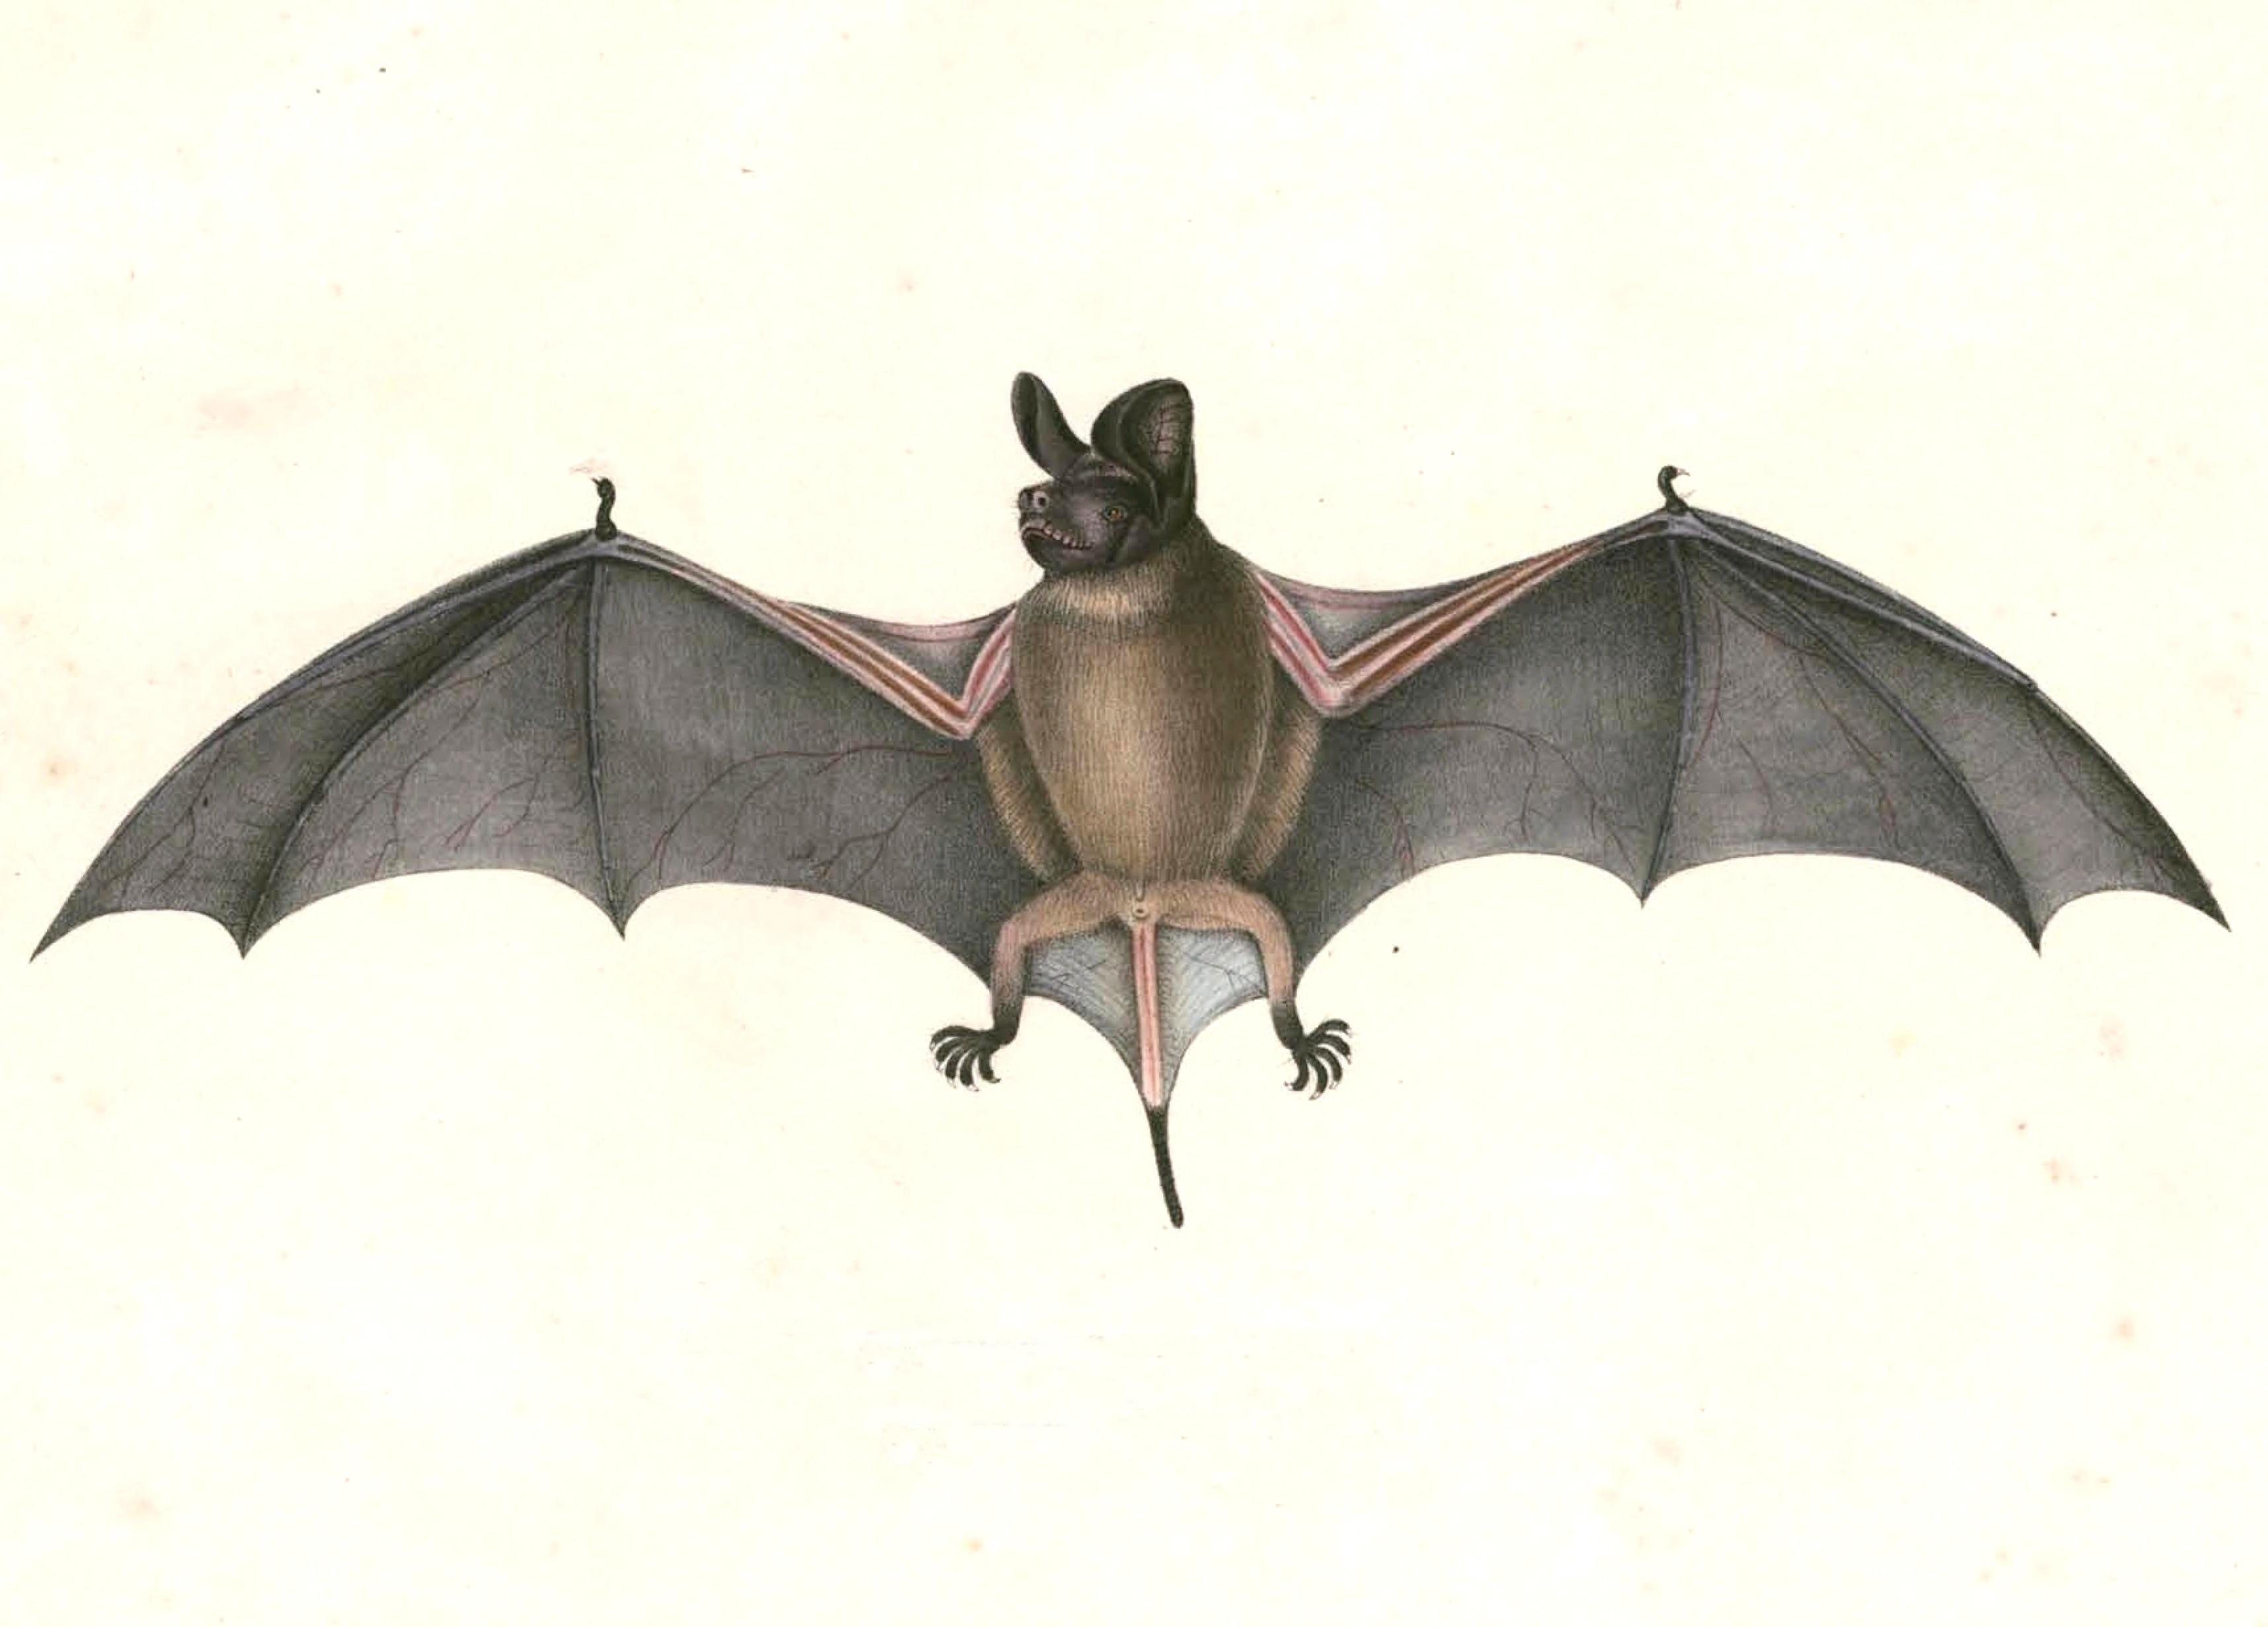 Image of Wrinkle-lipped Bat